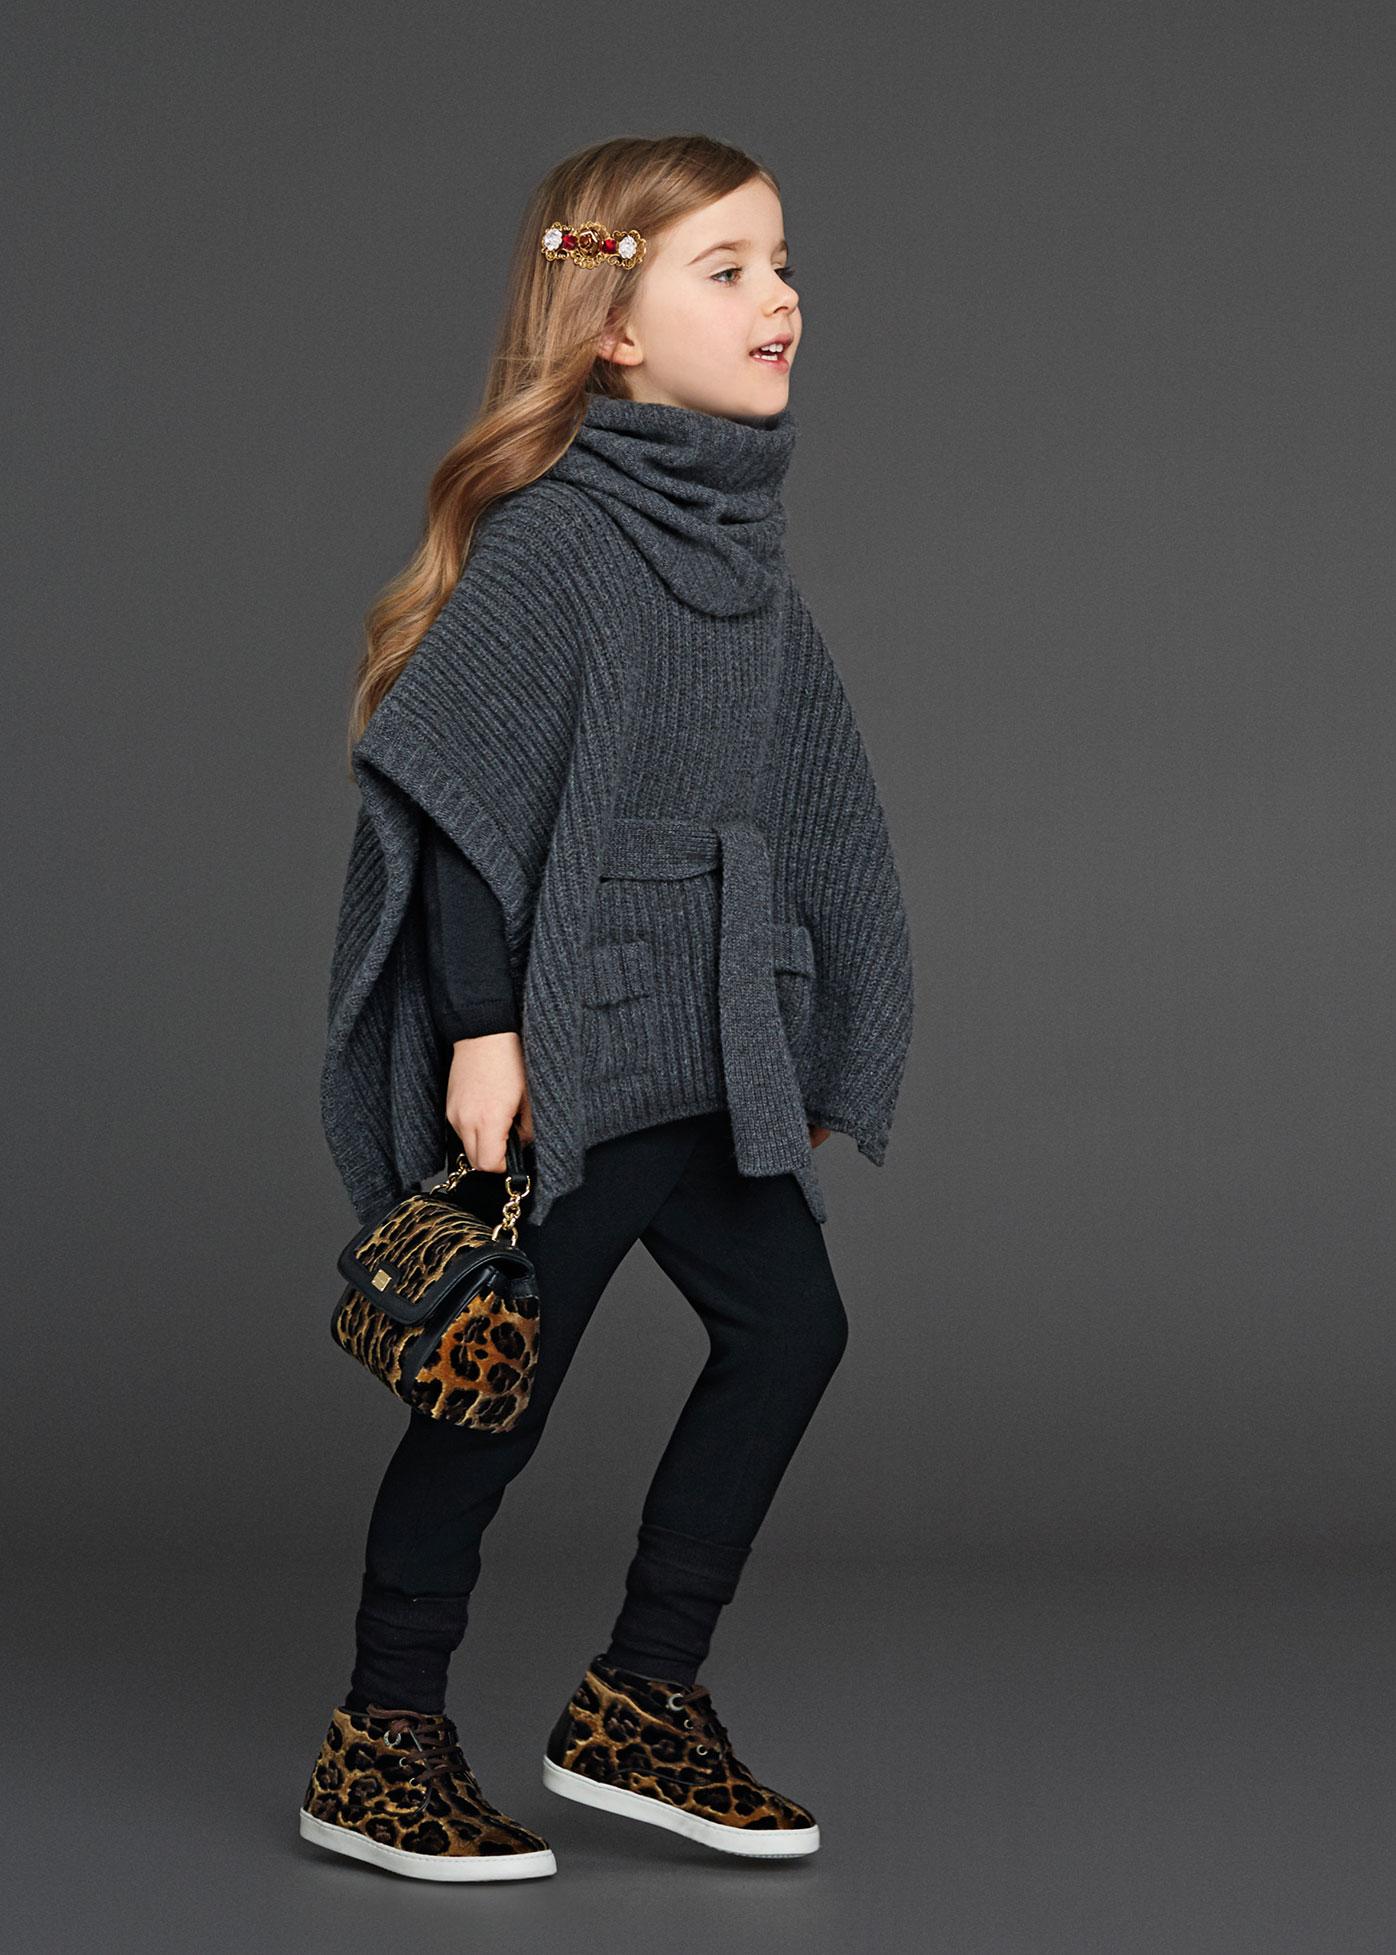 مدل لباس دختر بچه پاییز و زمستان 3